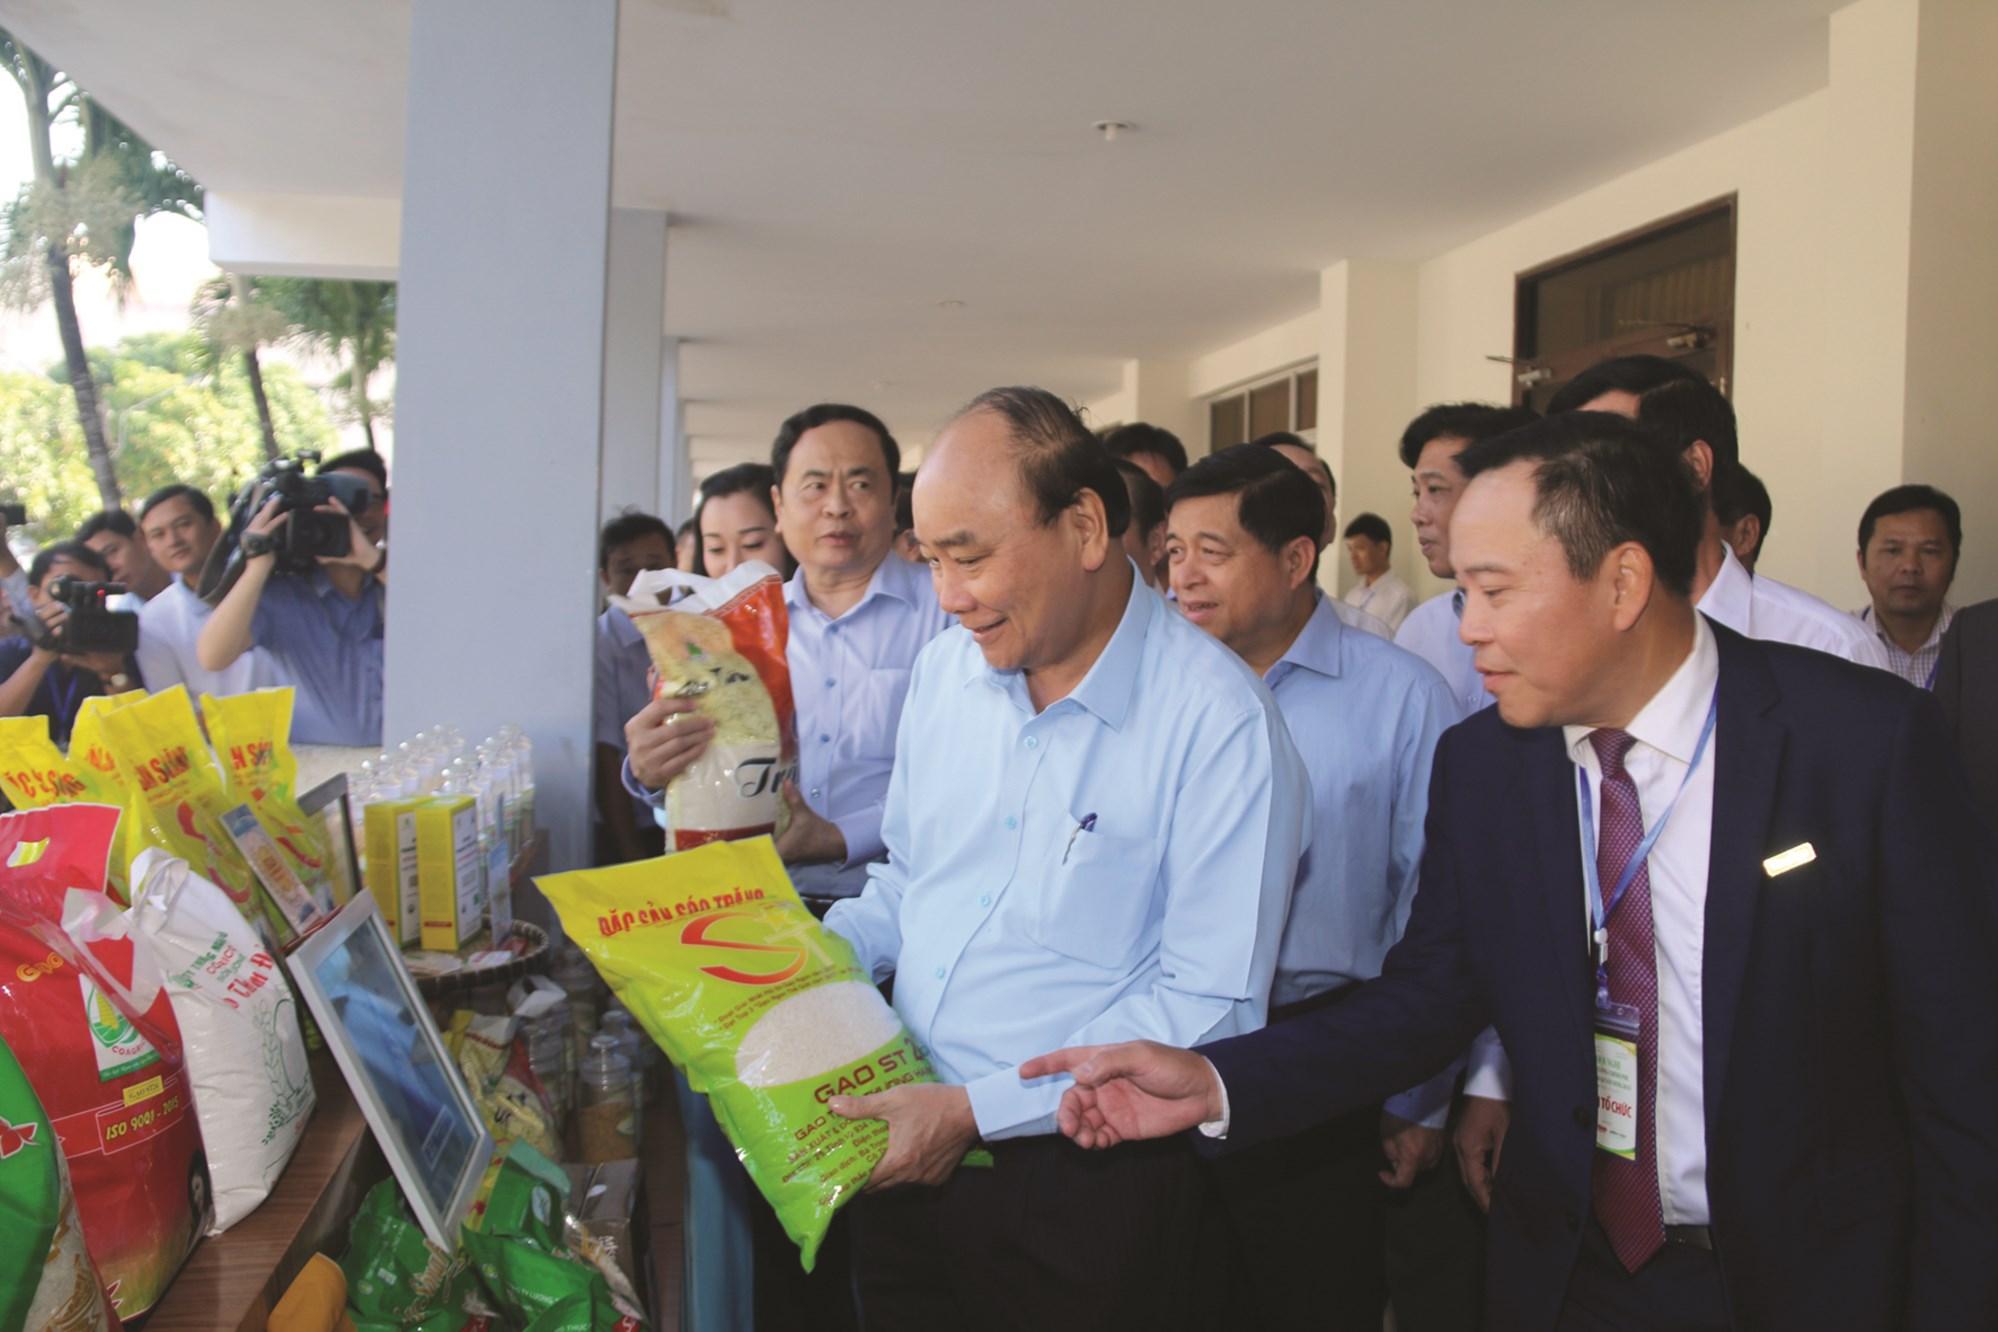 """Thủ tướng Chính phủ, Nguyễn Xuân phúc thăm quan gian hàng trưng bày gạo ST25 tại Hội nghị """" Thủ tướng đối thoại Nông dân năm 2019"""", tại Cần Thơ."""